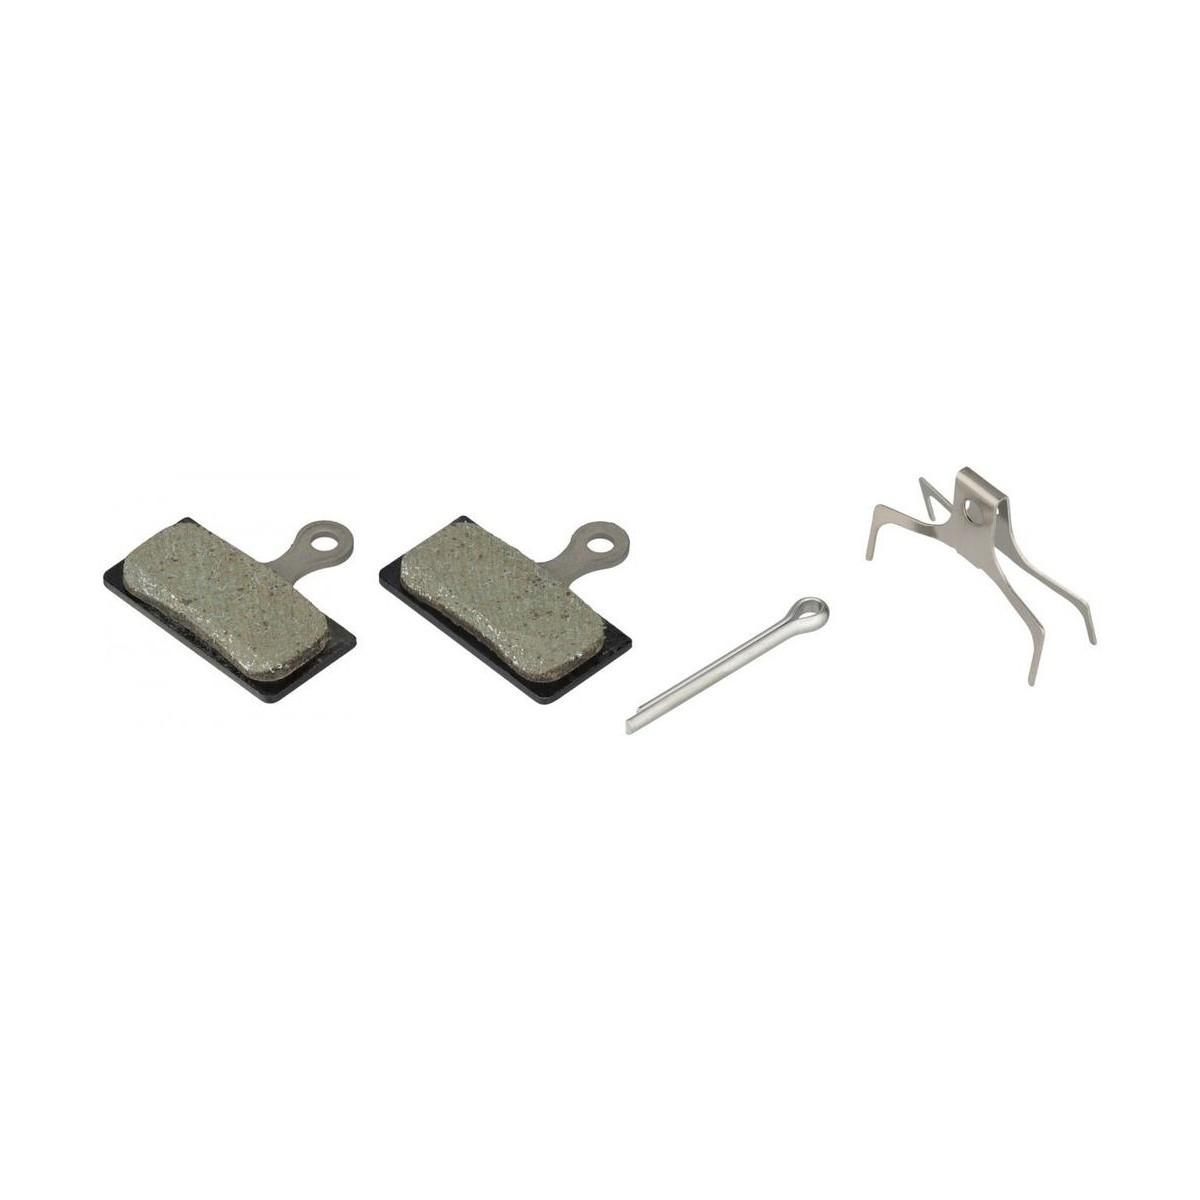 SHIMANO RESIN DISC BRAKE PADS (G03S)